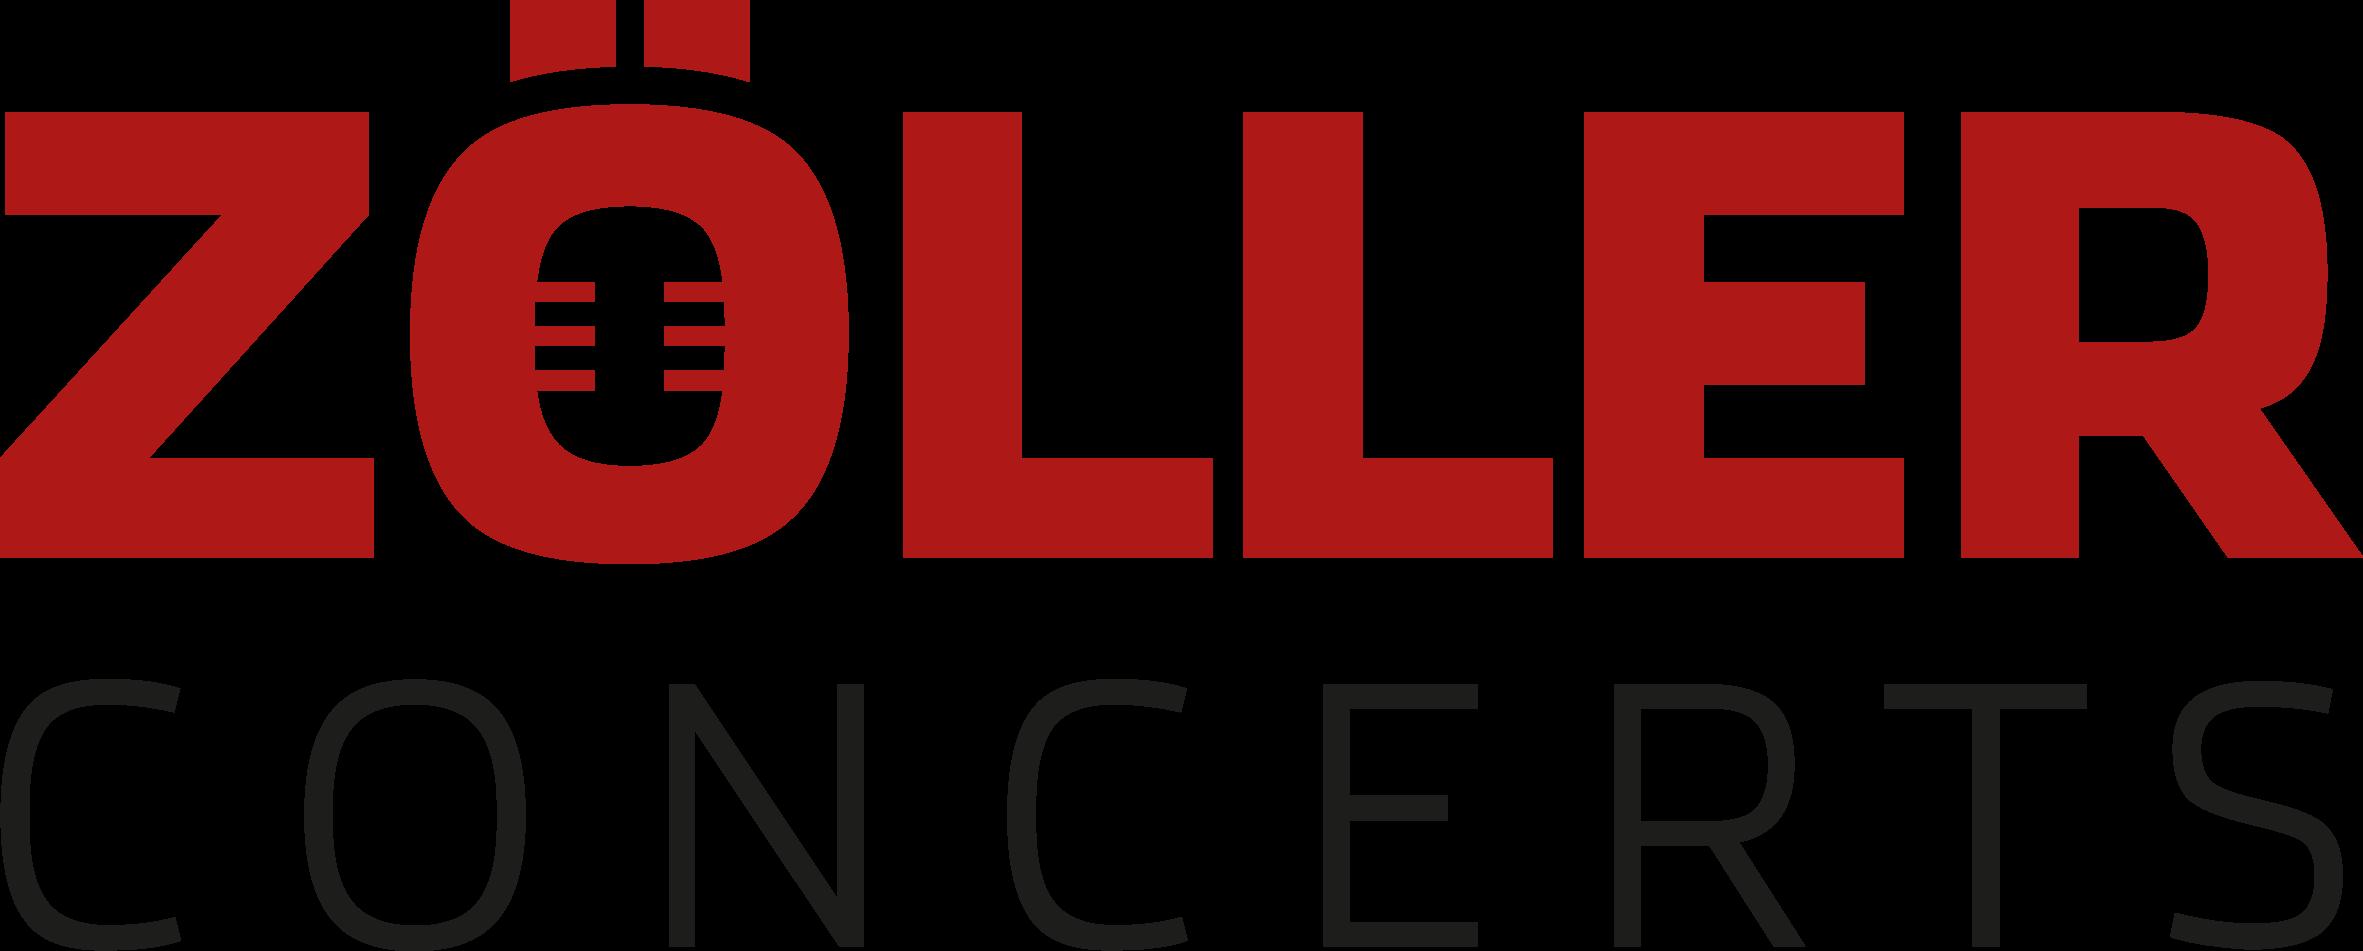 Logo-Zöller-Concerts-1